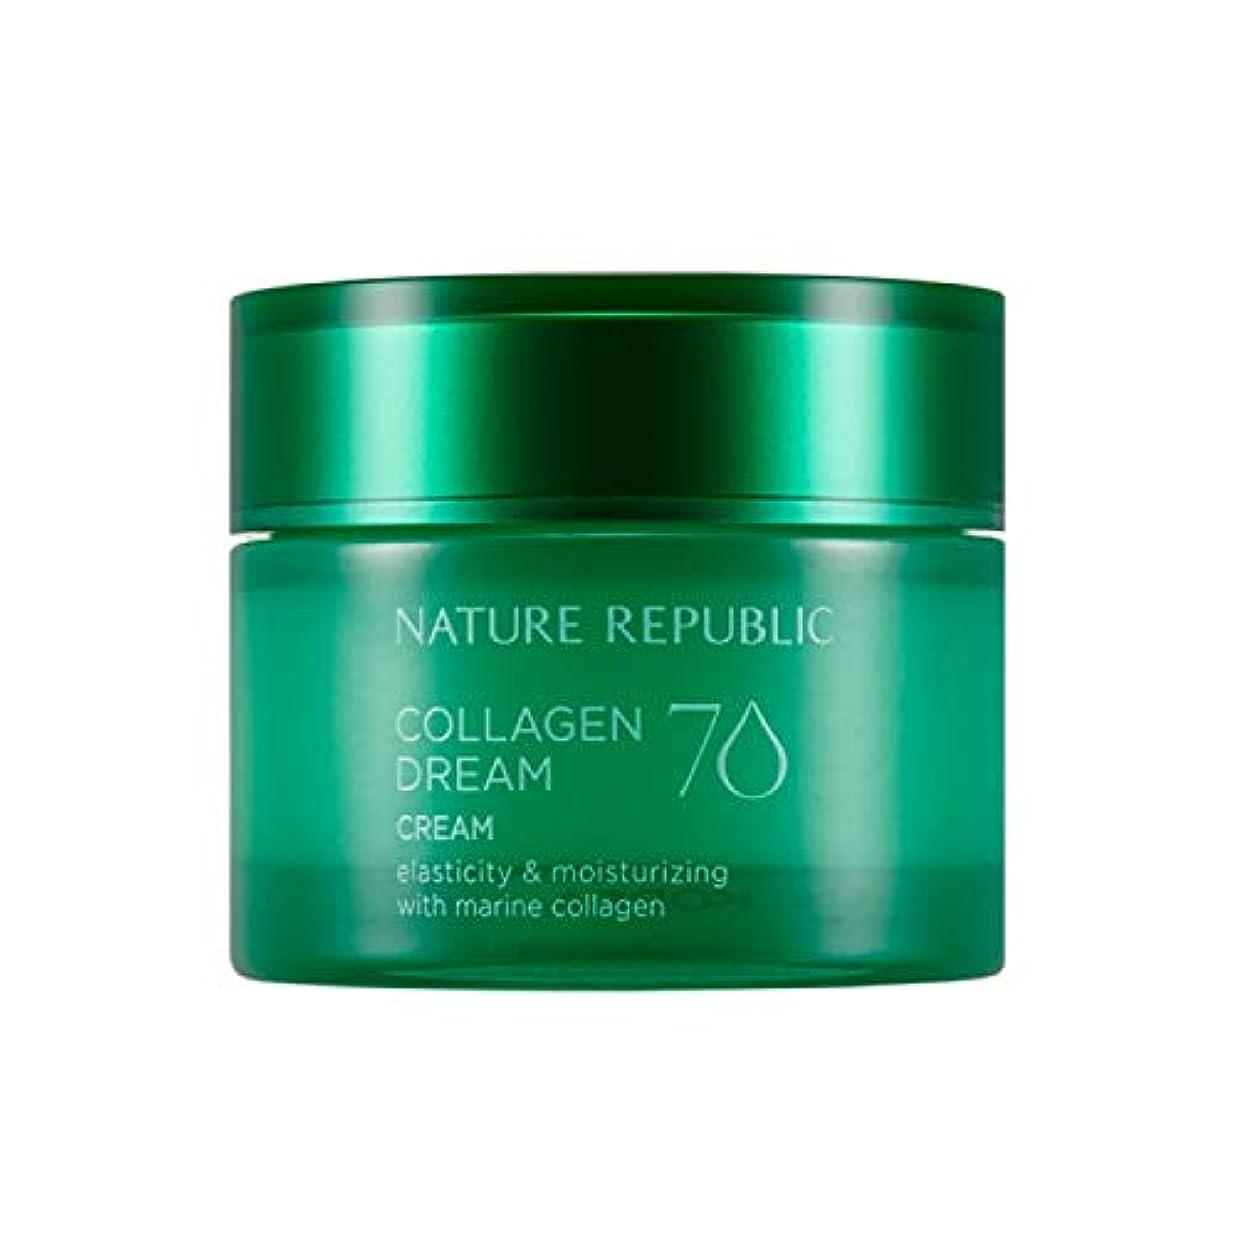 枕エンターテインメント壊滅的なネイチャーリパブリック(Nature Republic)コラーゲンドリーム70クリーム 50ml / Collagen Dream 70 Cream 50ml :: 韓国コスメ [並行輸入品]